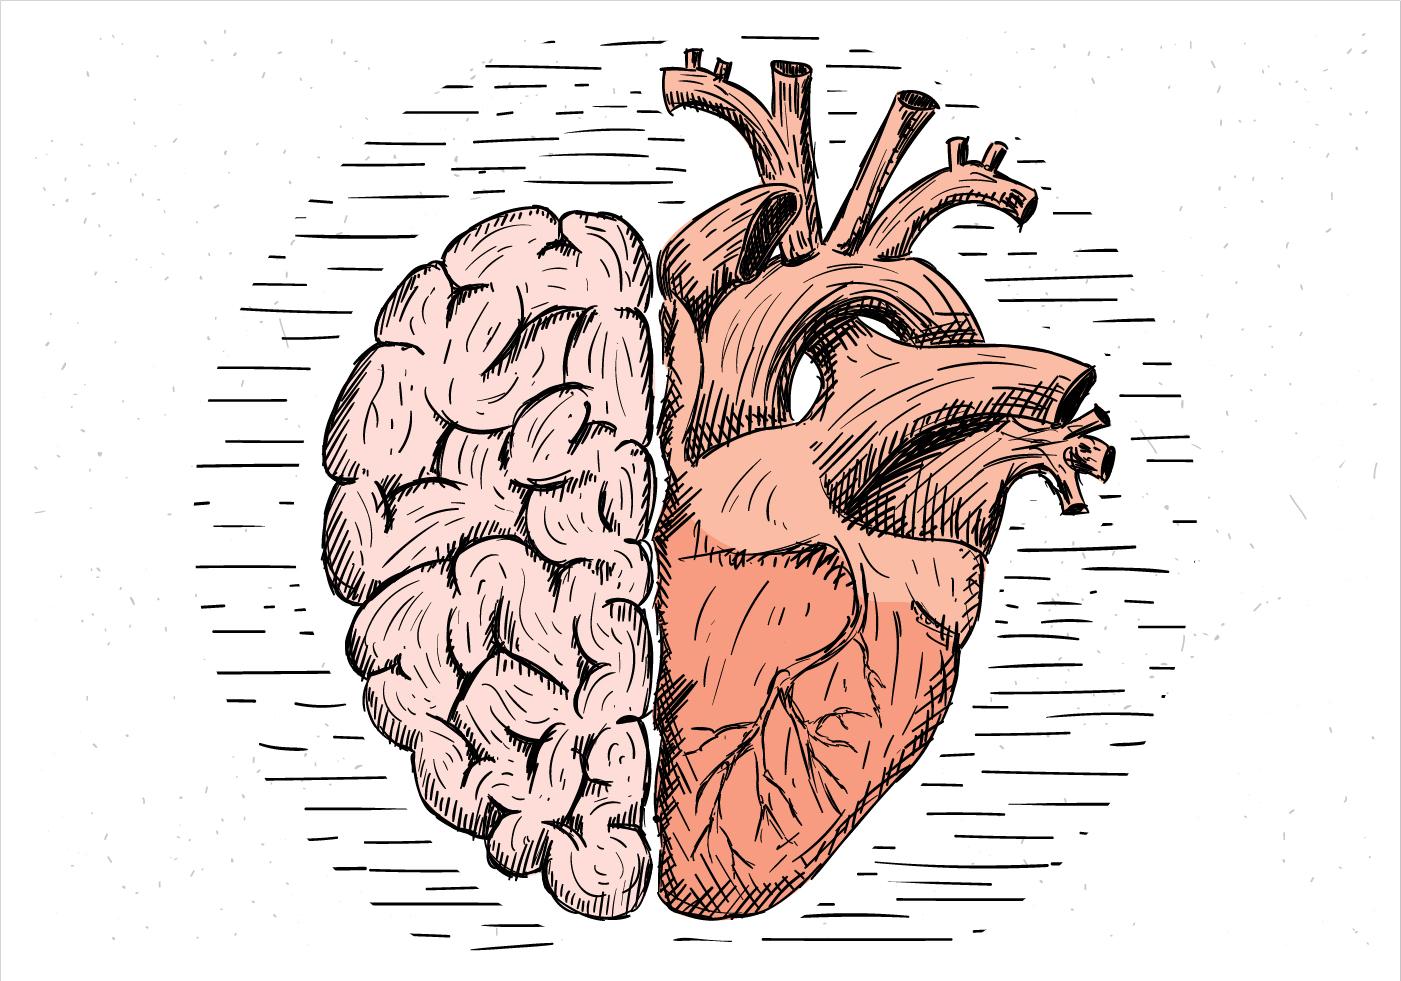 Картинка разбитых сердцах писанный какие предрассудки